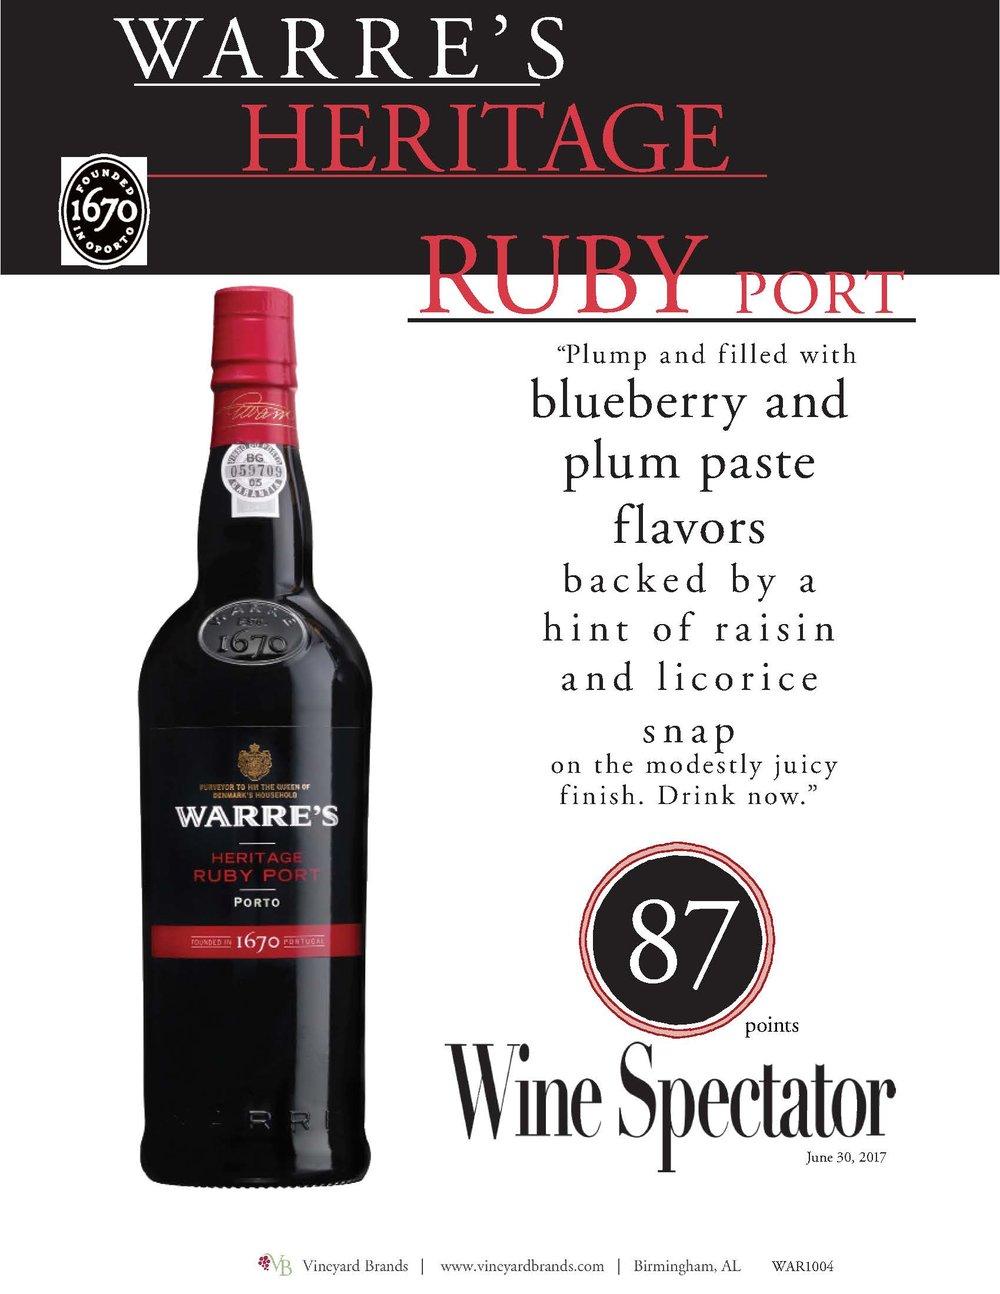 Warre's Heritage Ruby Port Wine .jpg